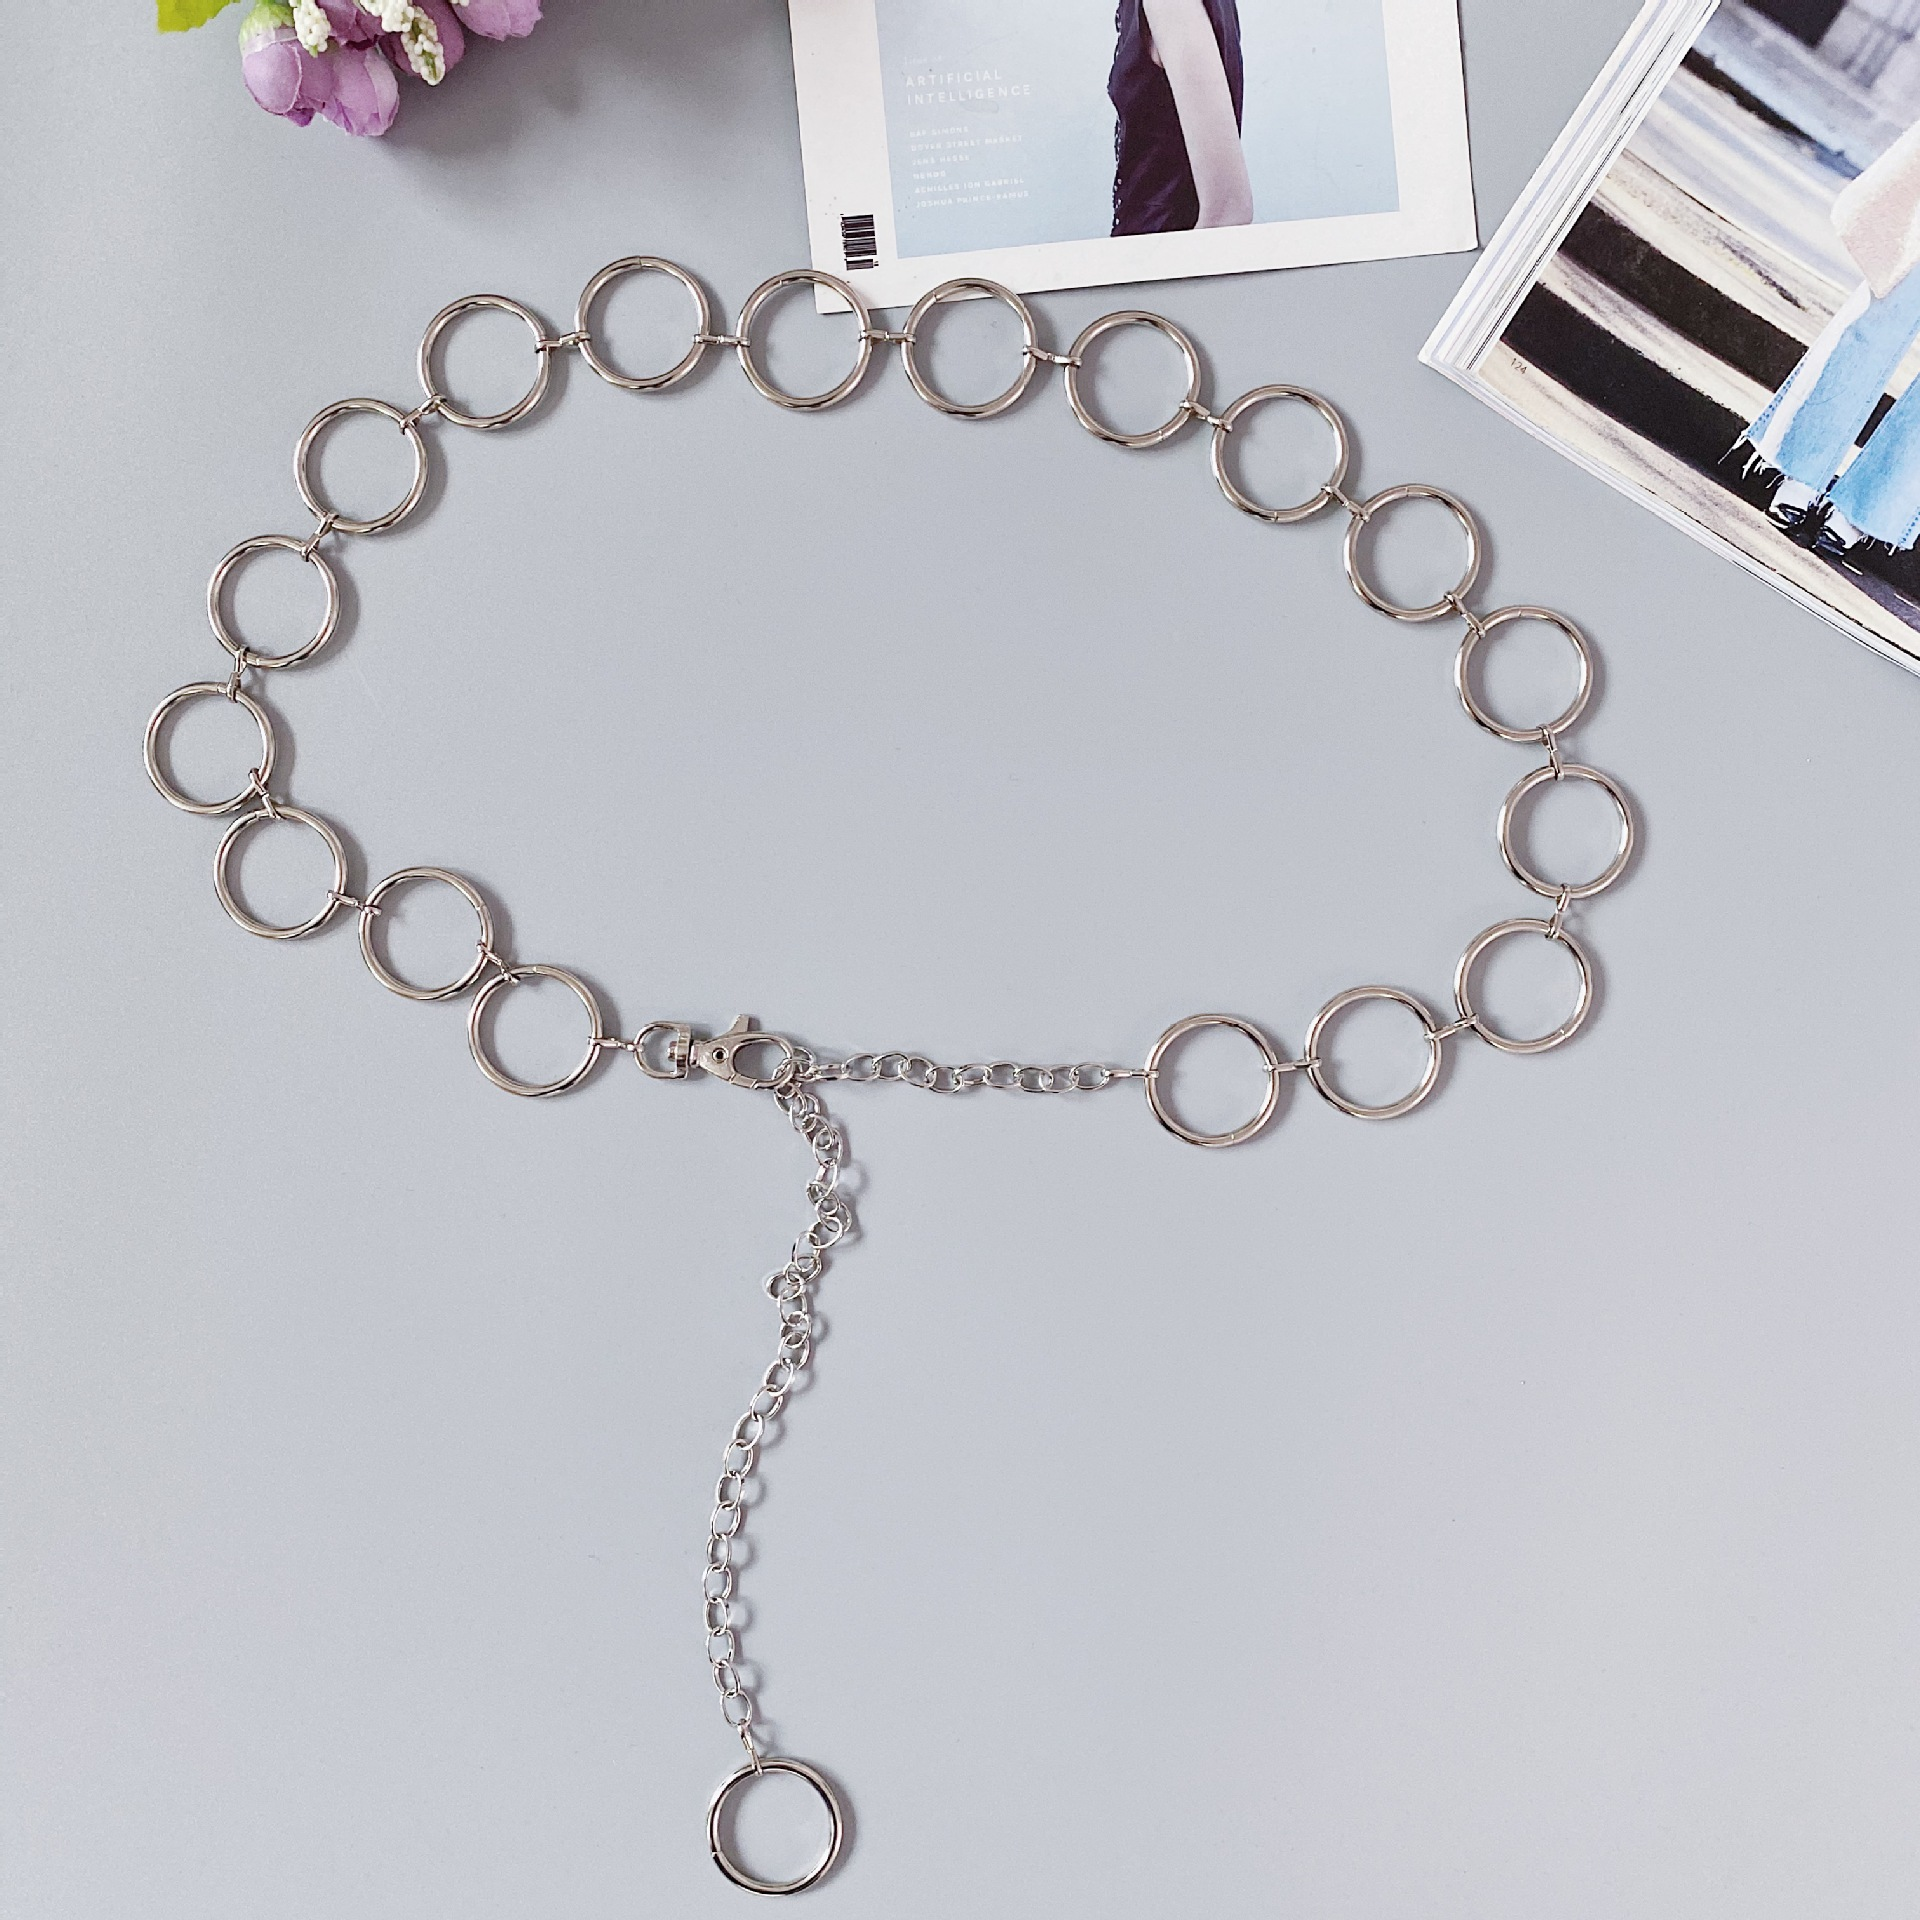 7c27ae30-b9fe-461d-a458-895e098657d2 Heart Shaped Belt Chain Women Fashion Circle Metal Waist Chain